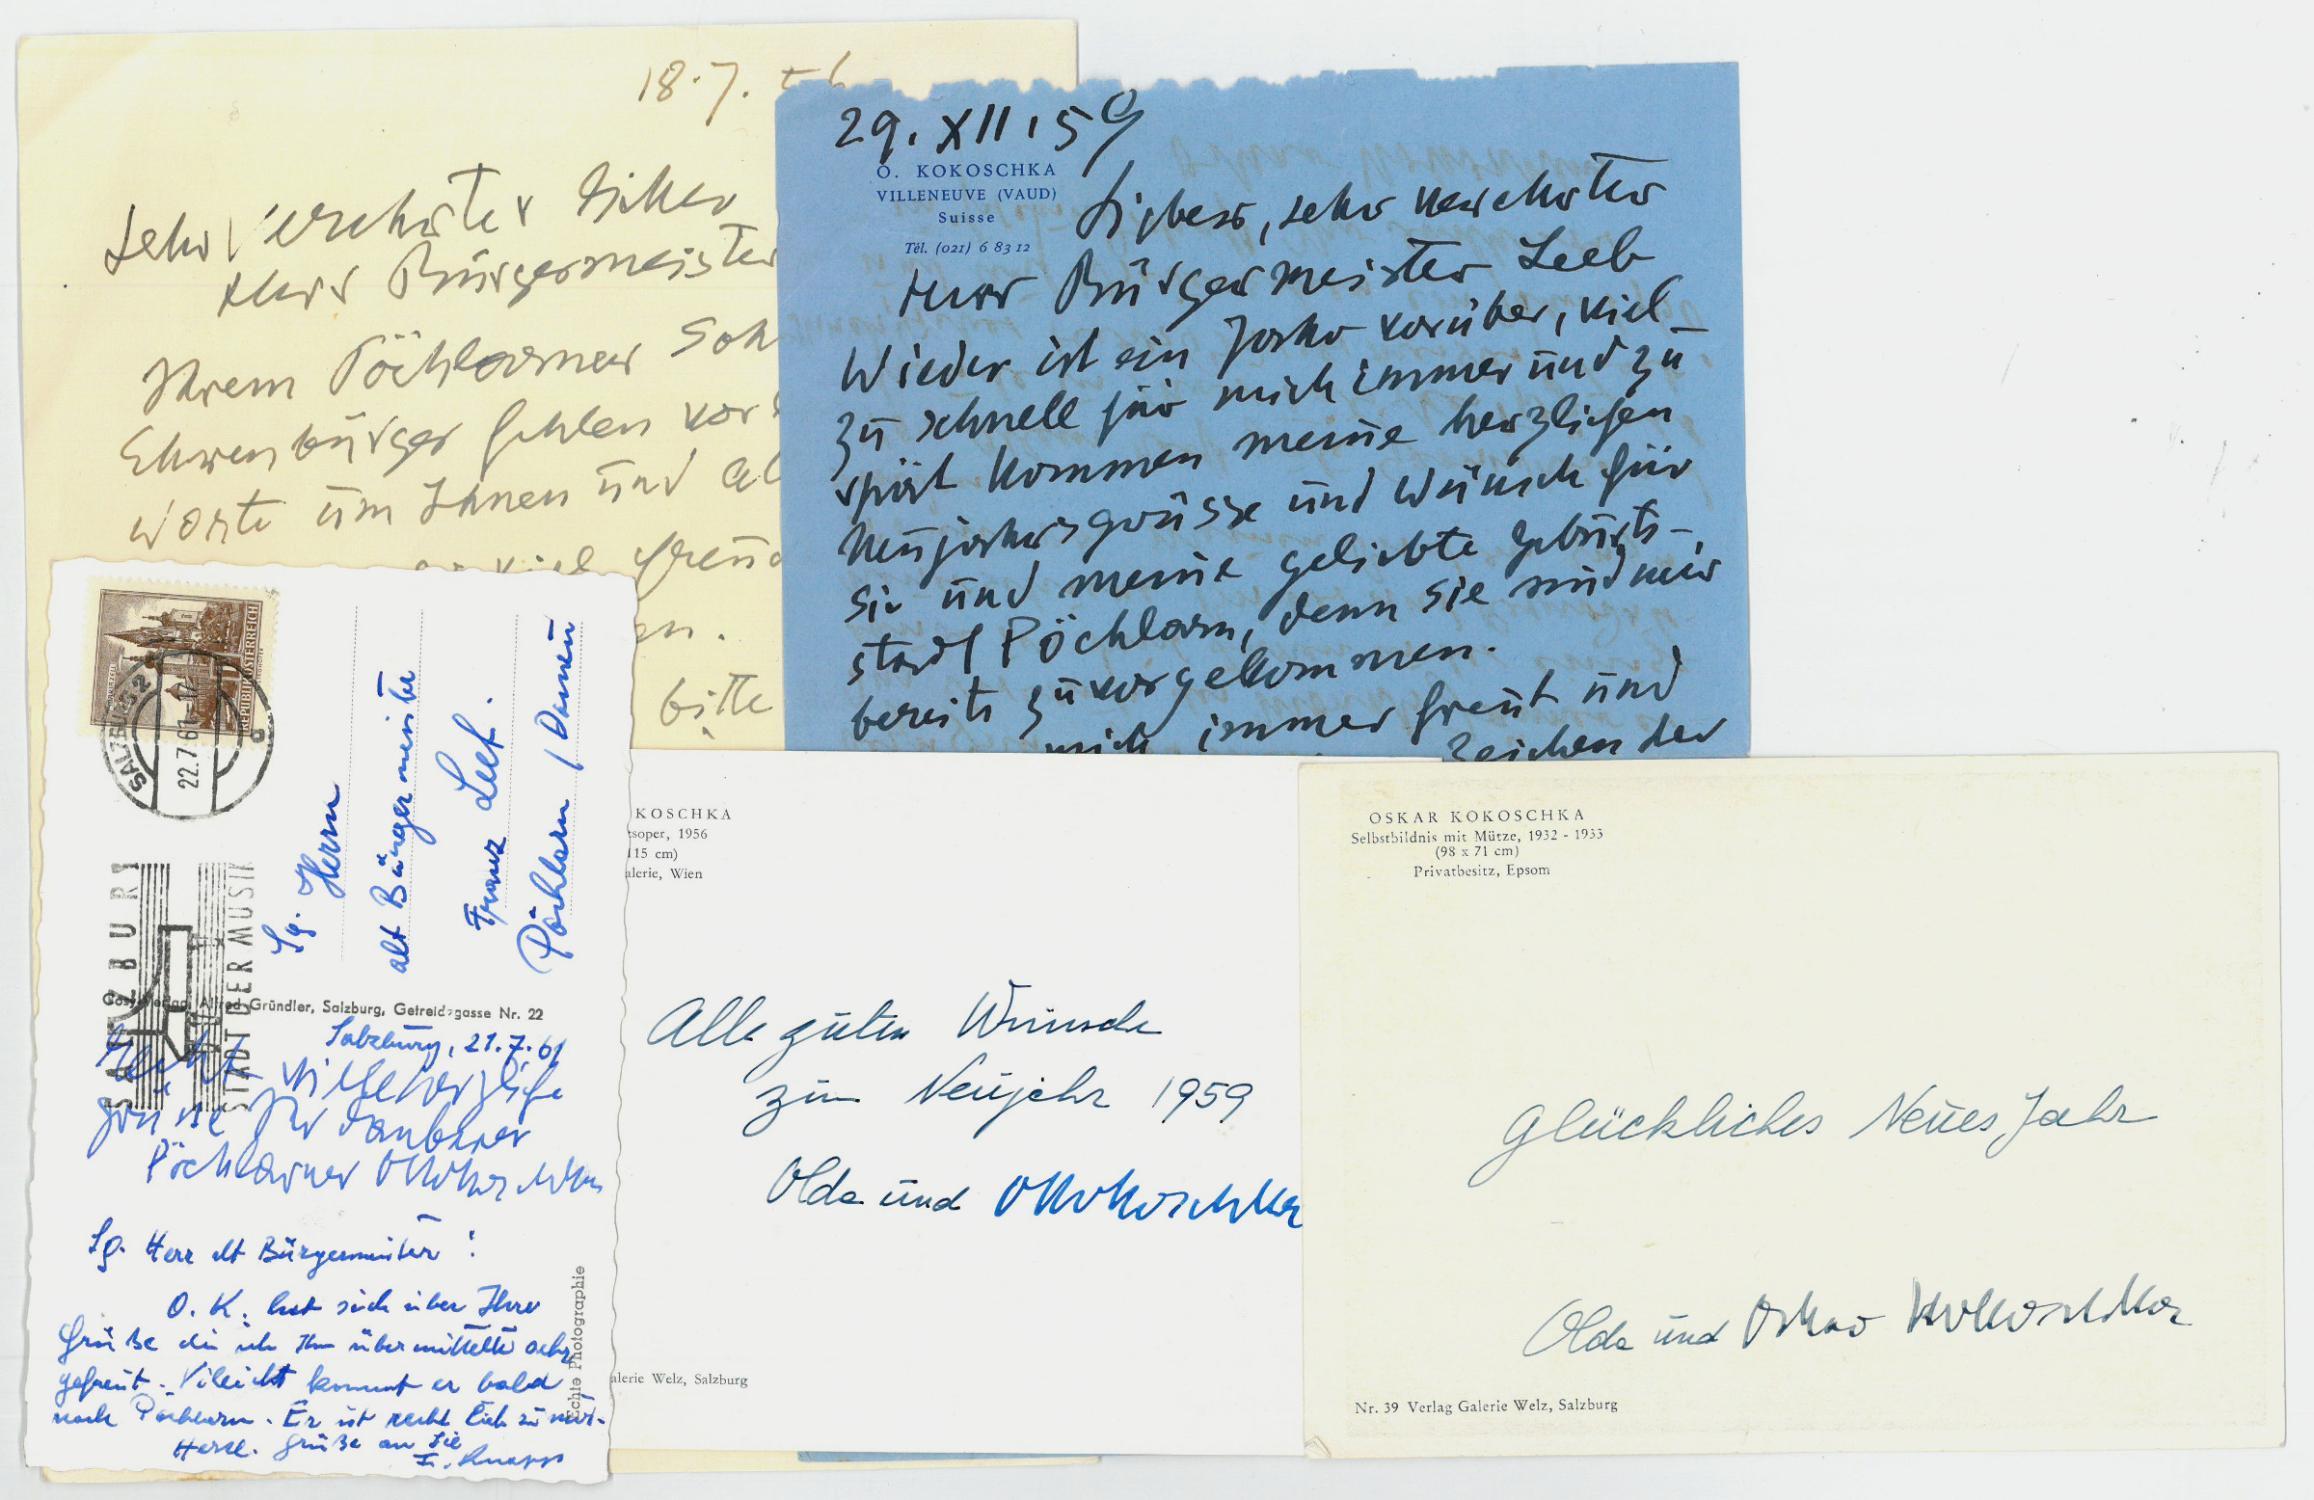 2 eigenh. Briefe mit U. und 1: Kokoschka, Oskar, Maler,